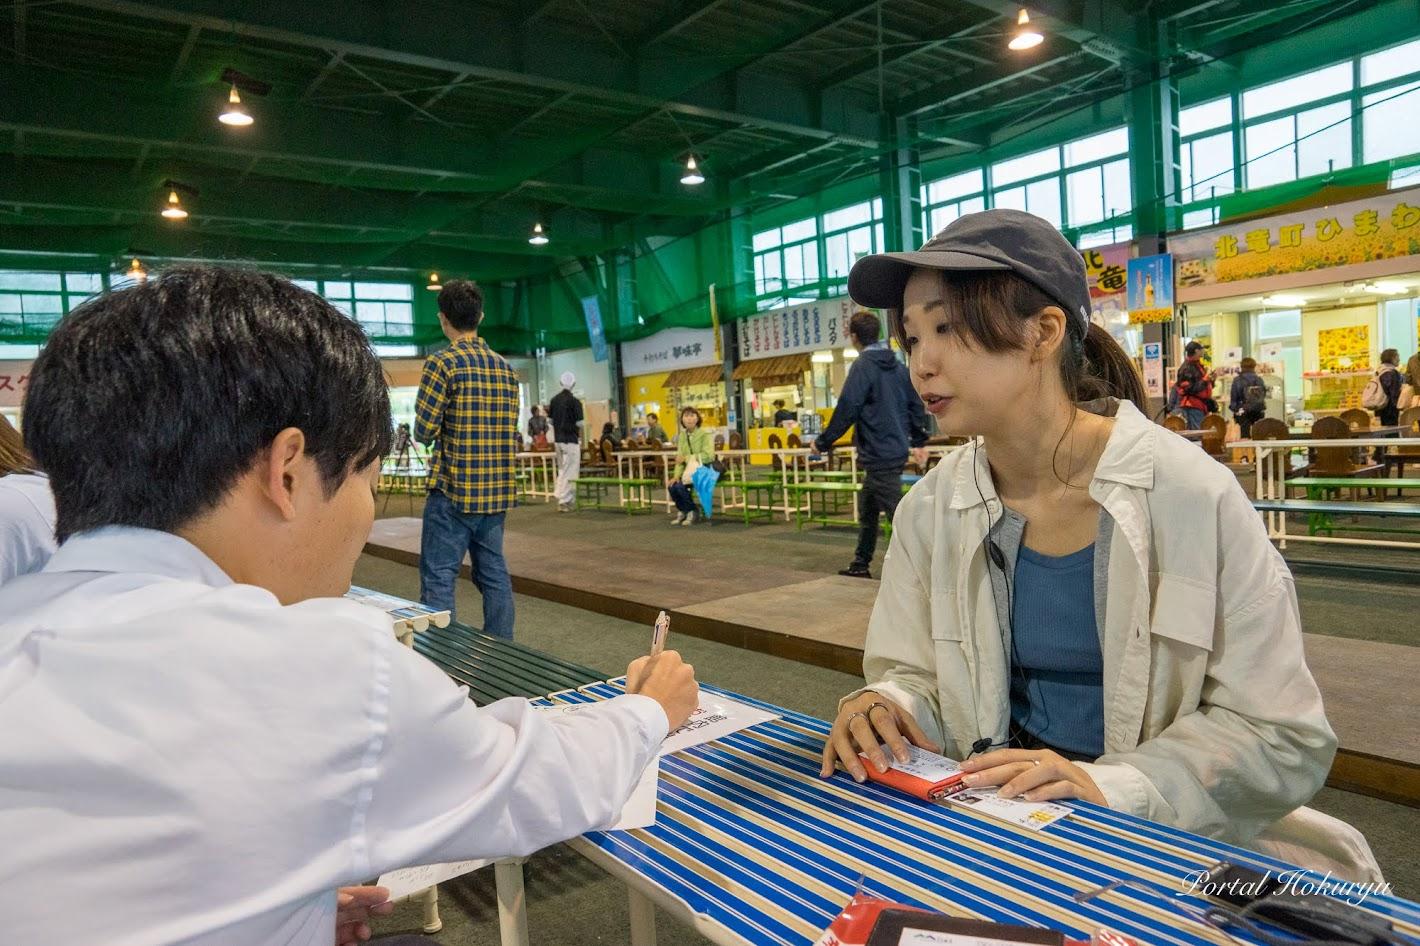 宮島学園・北海道ファッション専門学校・市川沙耶 先生